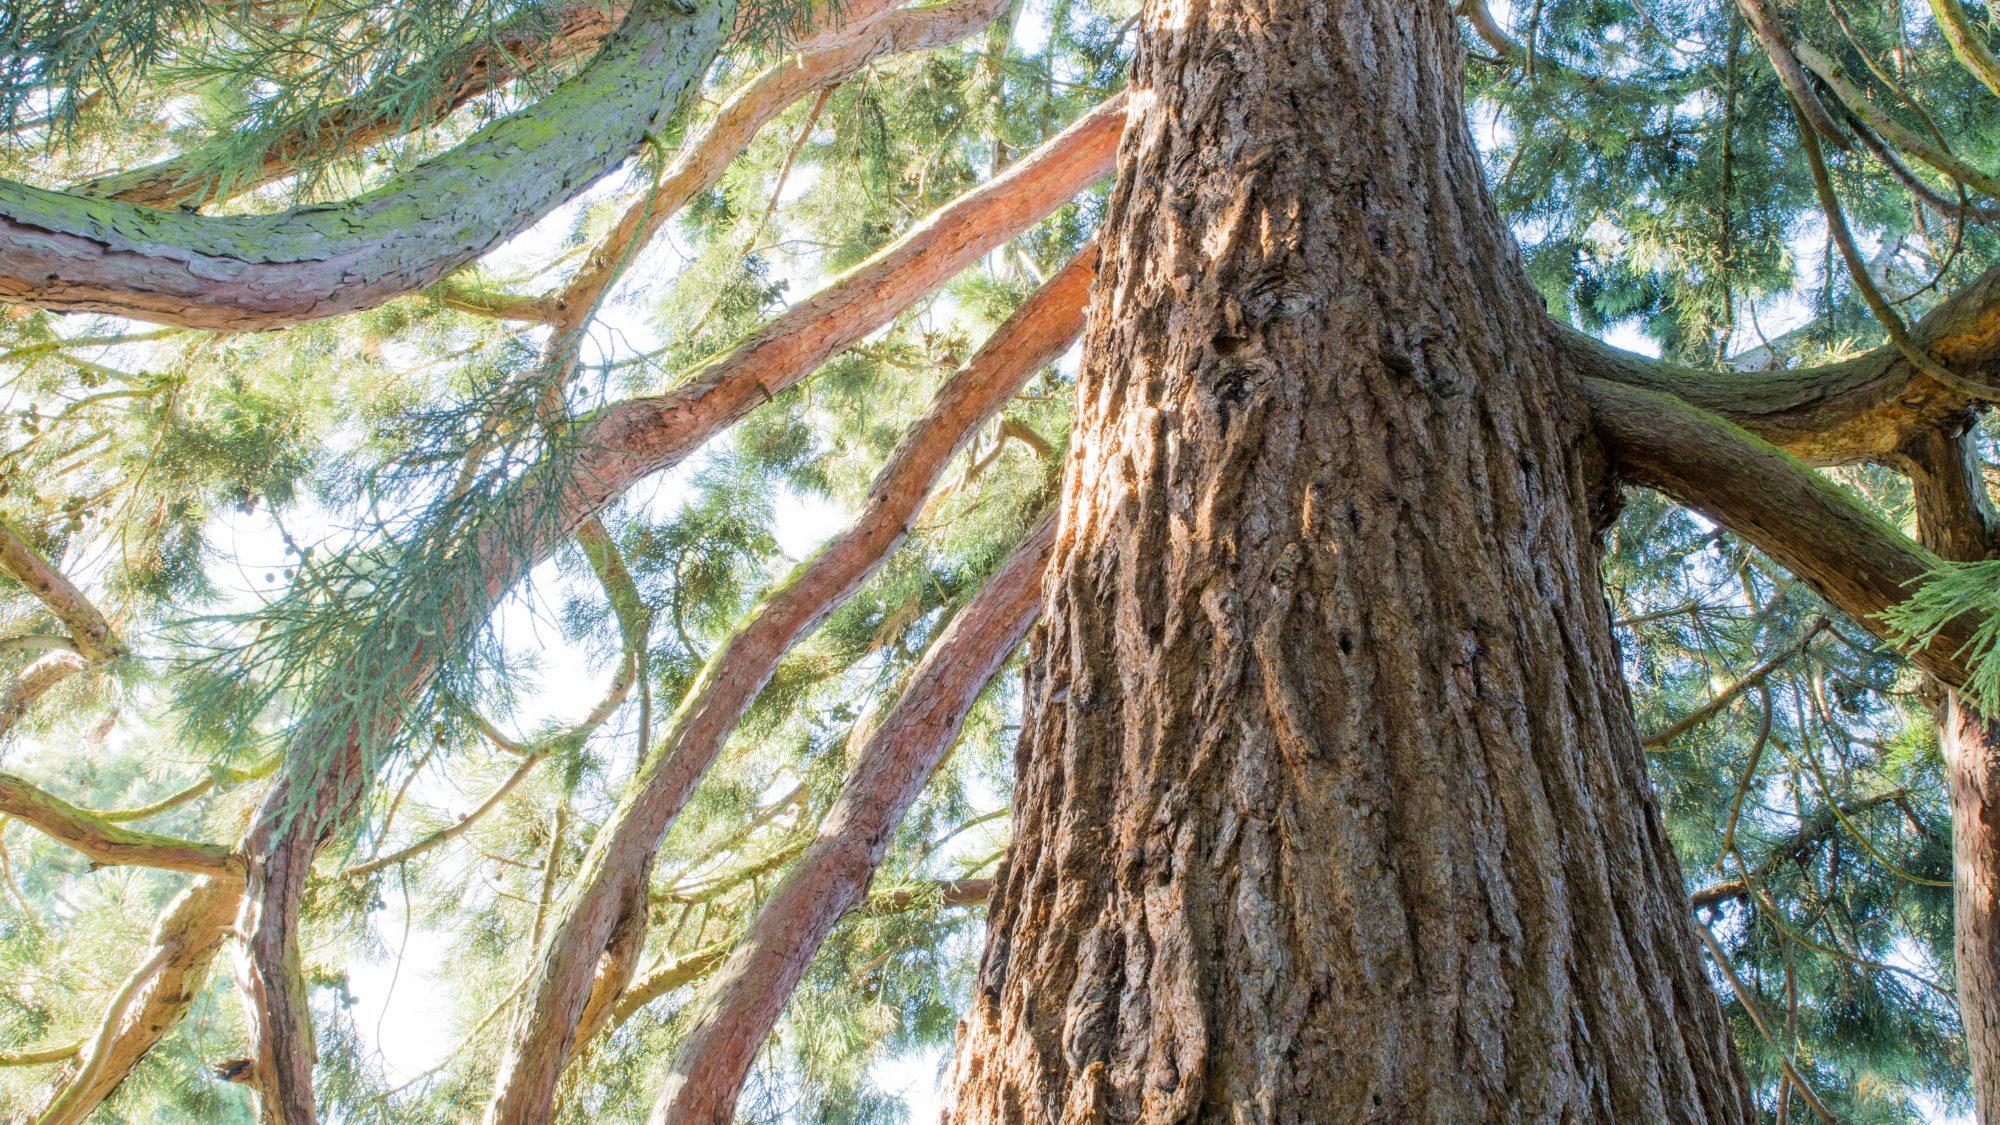 Sequoiadendron giganteum Taxodiaceae (Redwood family)